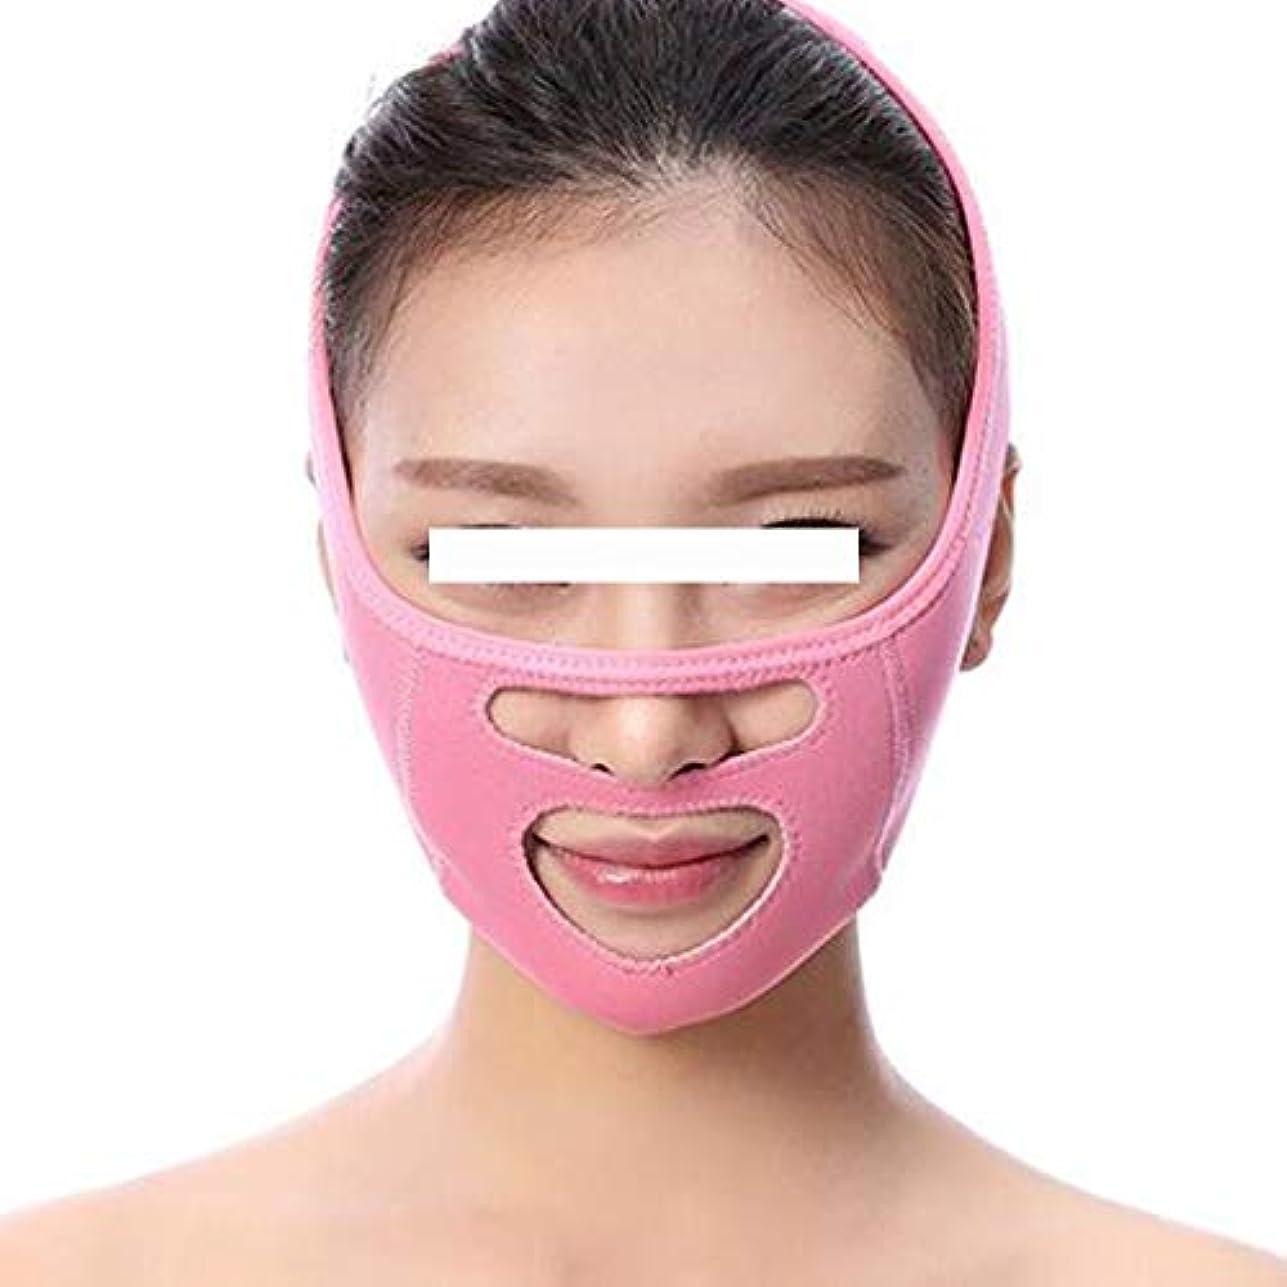 出来事サルベージコイル人気のVフェイスマスク - 睡眠小顔美容フェイス包帯 - Decreeダブルチンvフェイスに移動